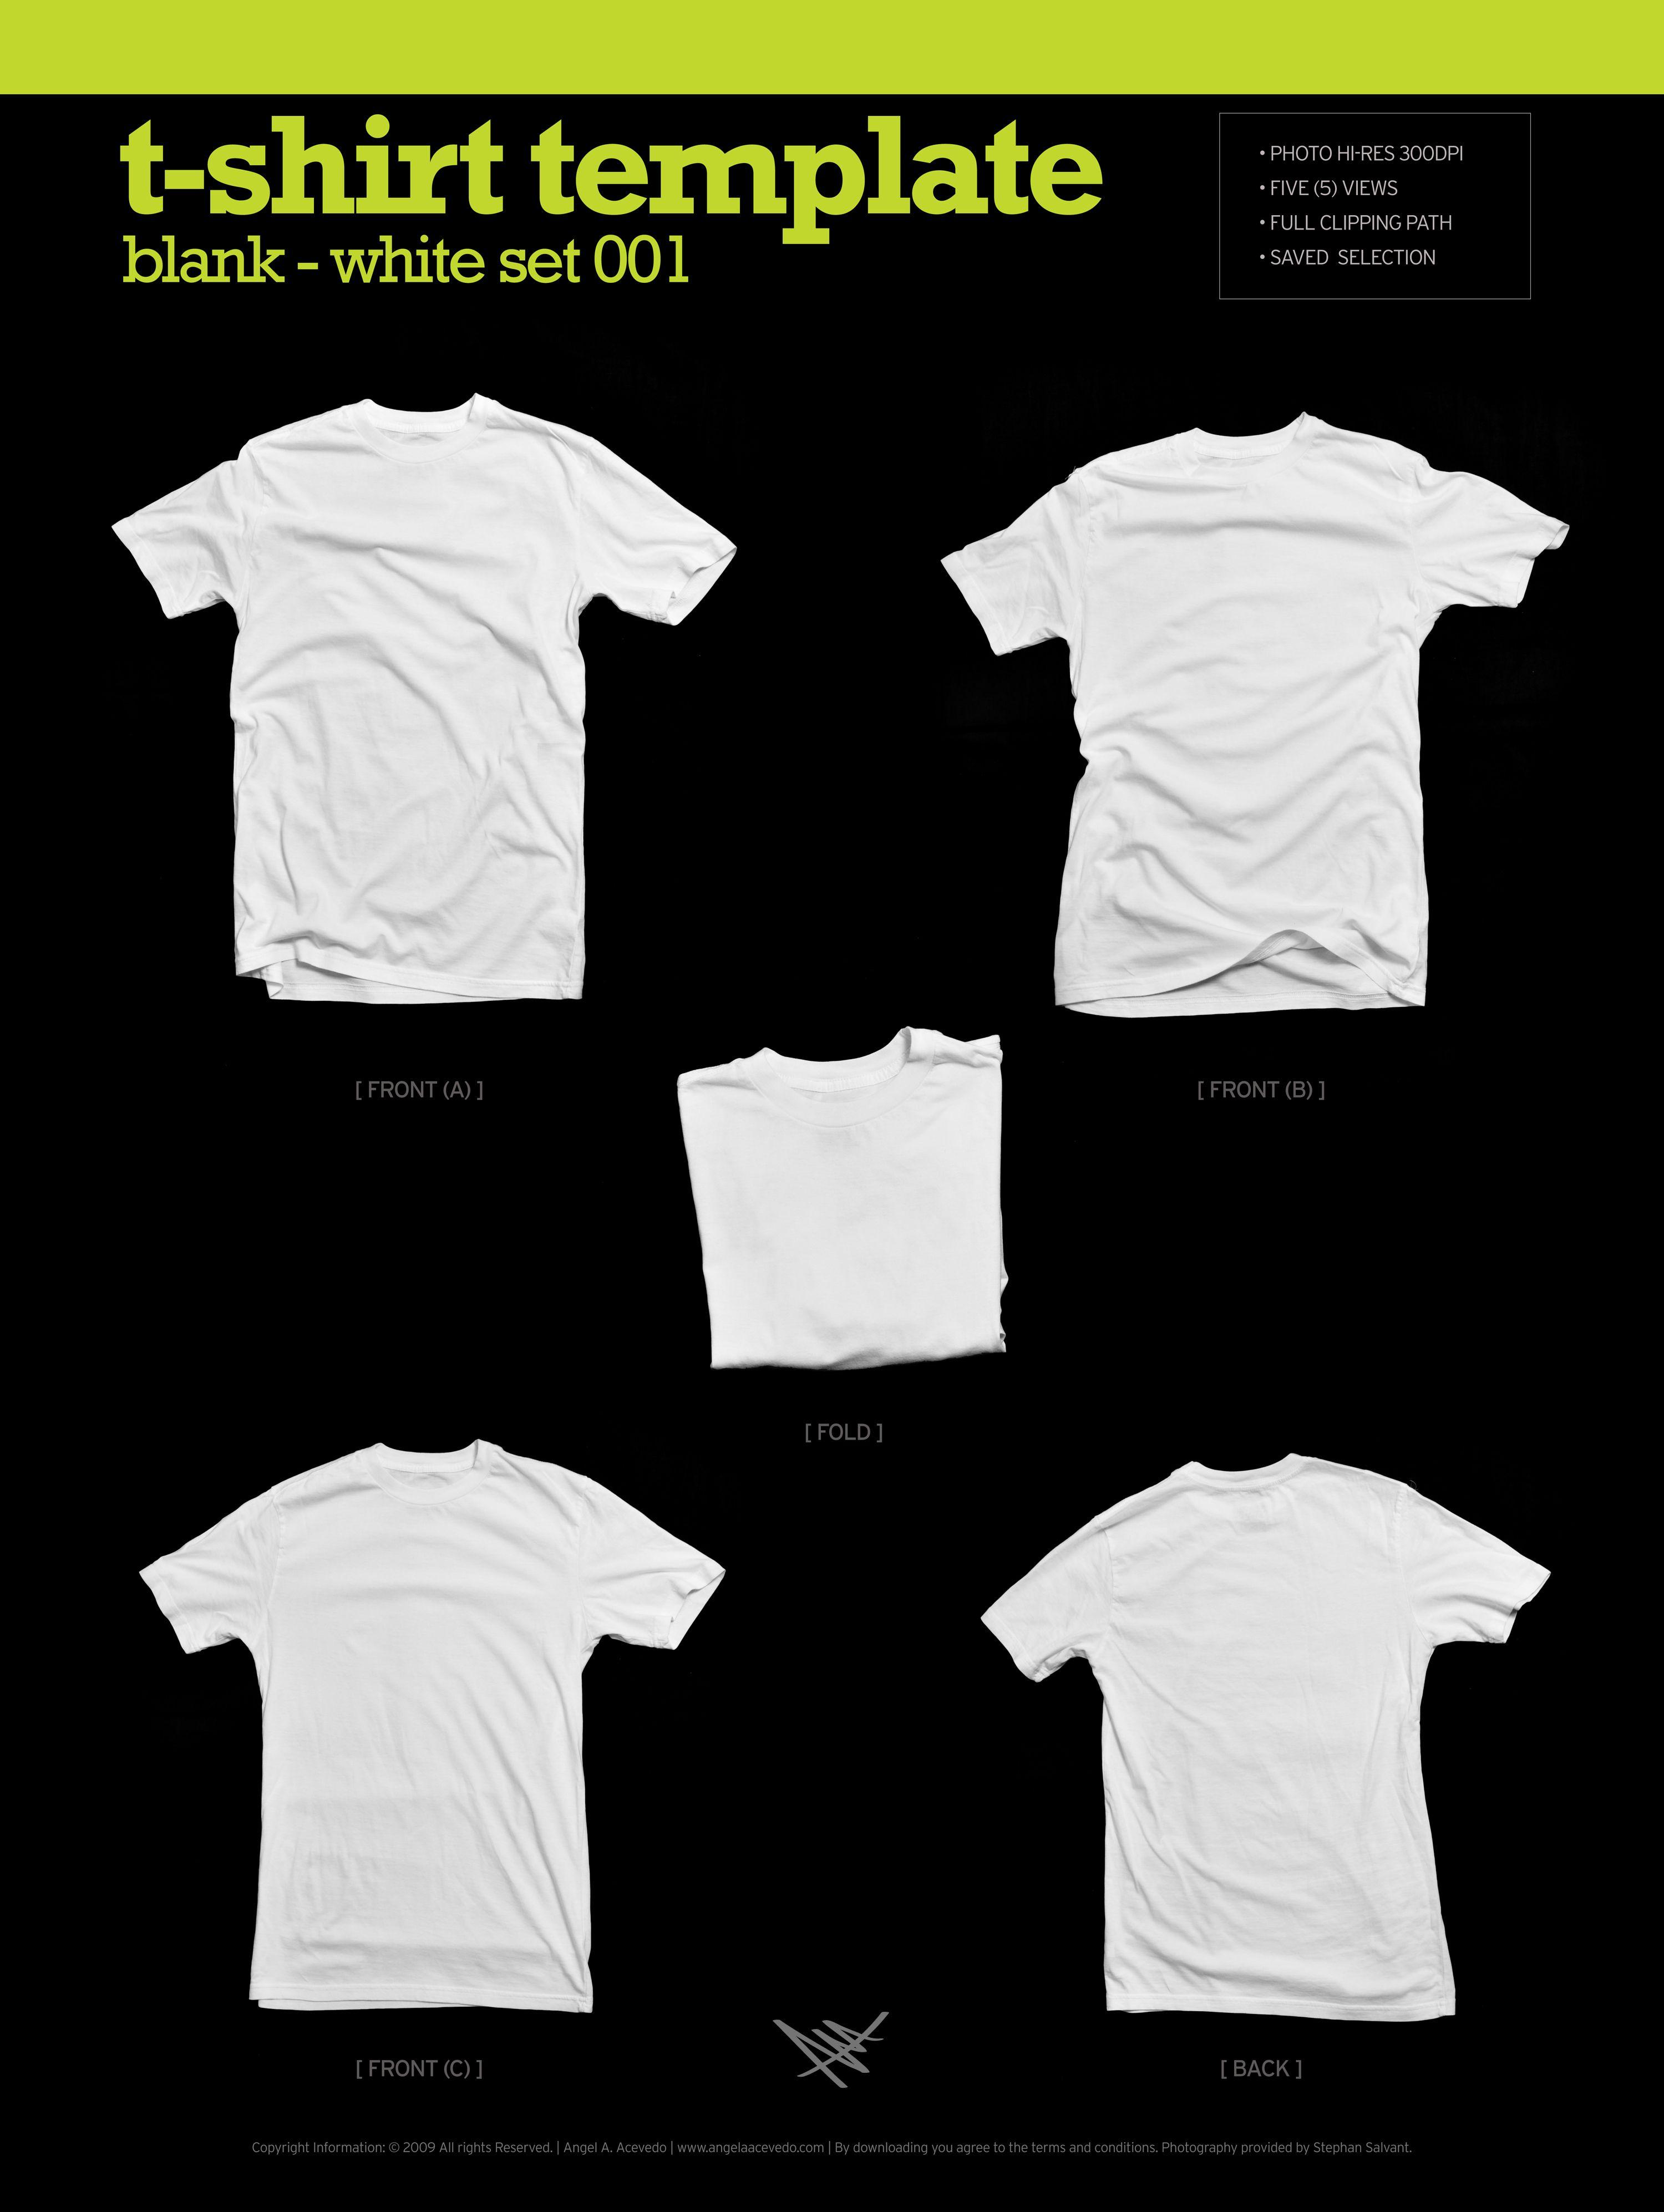 Template Kaos Polos Depan Belakang Coreldraw : template, polos, depan, belakang, coreldraw, Blank_t_shirt___white_001_by_djsoundwav-d1z5yy7.jpg, (3000×3989), Kaos,, Desain